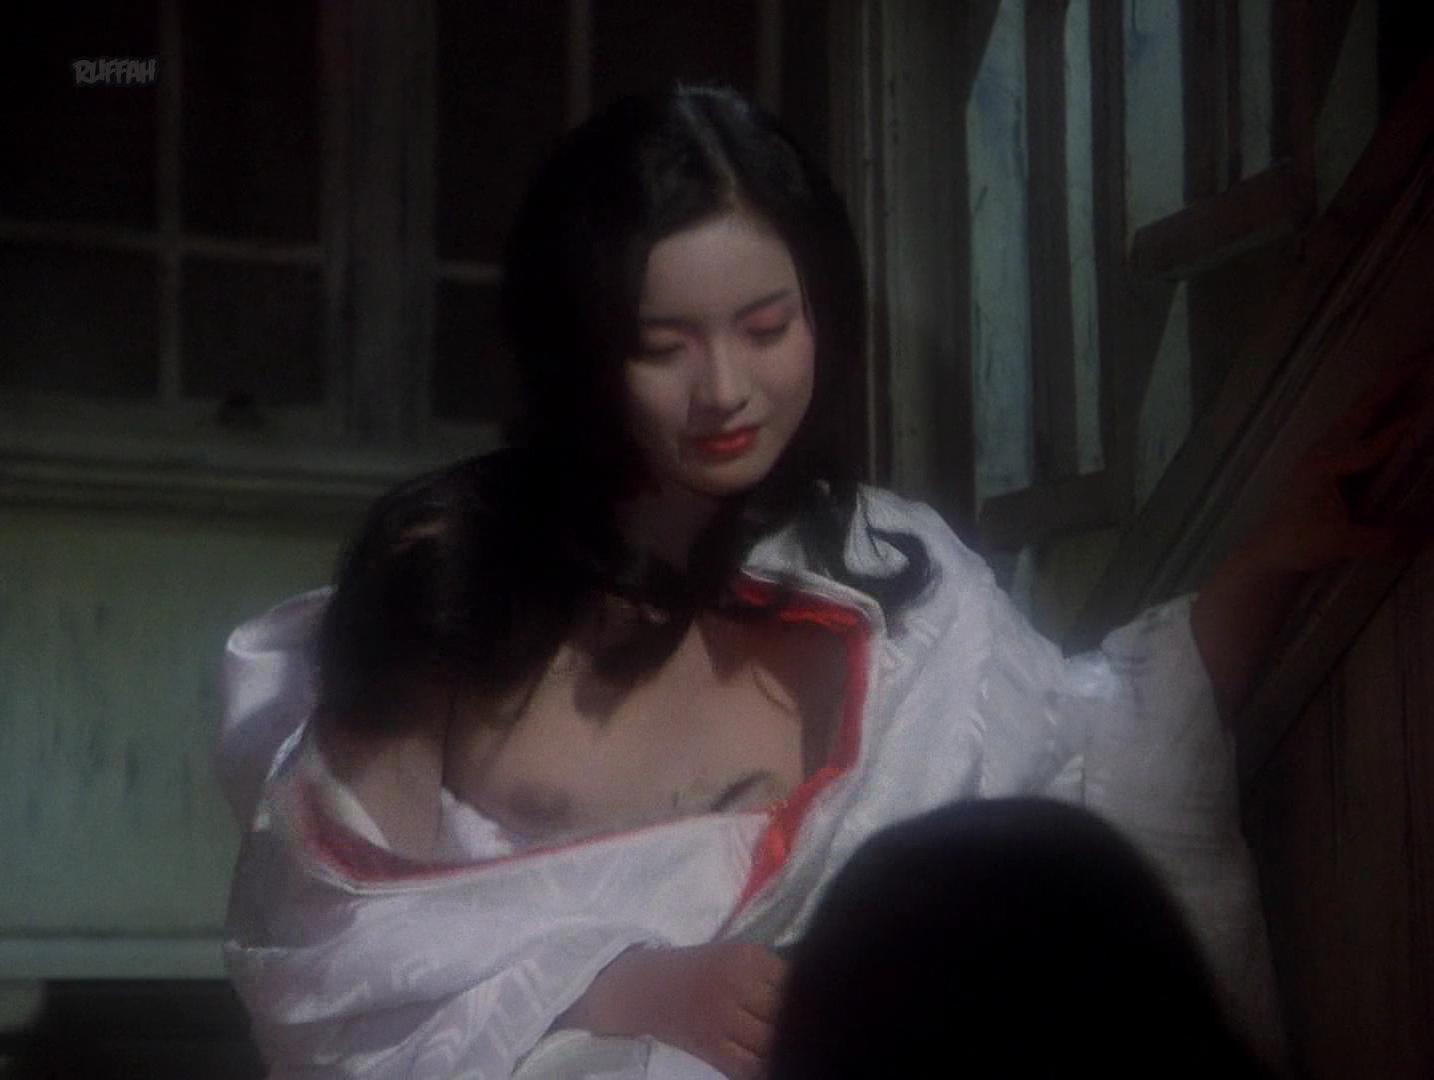 Kimiko Ikegami nude, Yoko Minamida nude, Ai Matsubara nude - Hausu (1977)